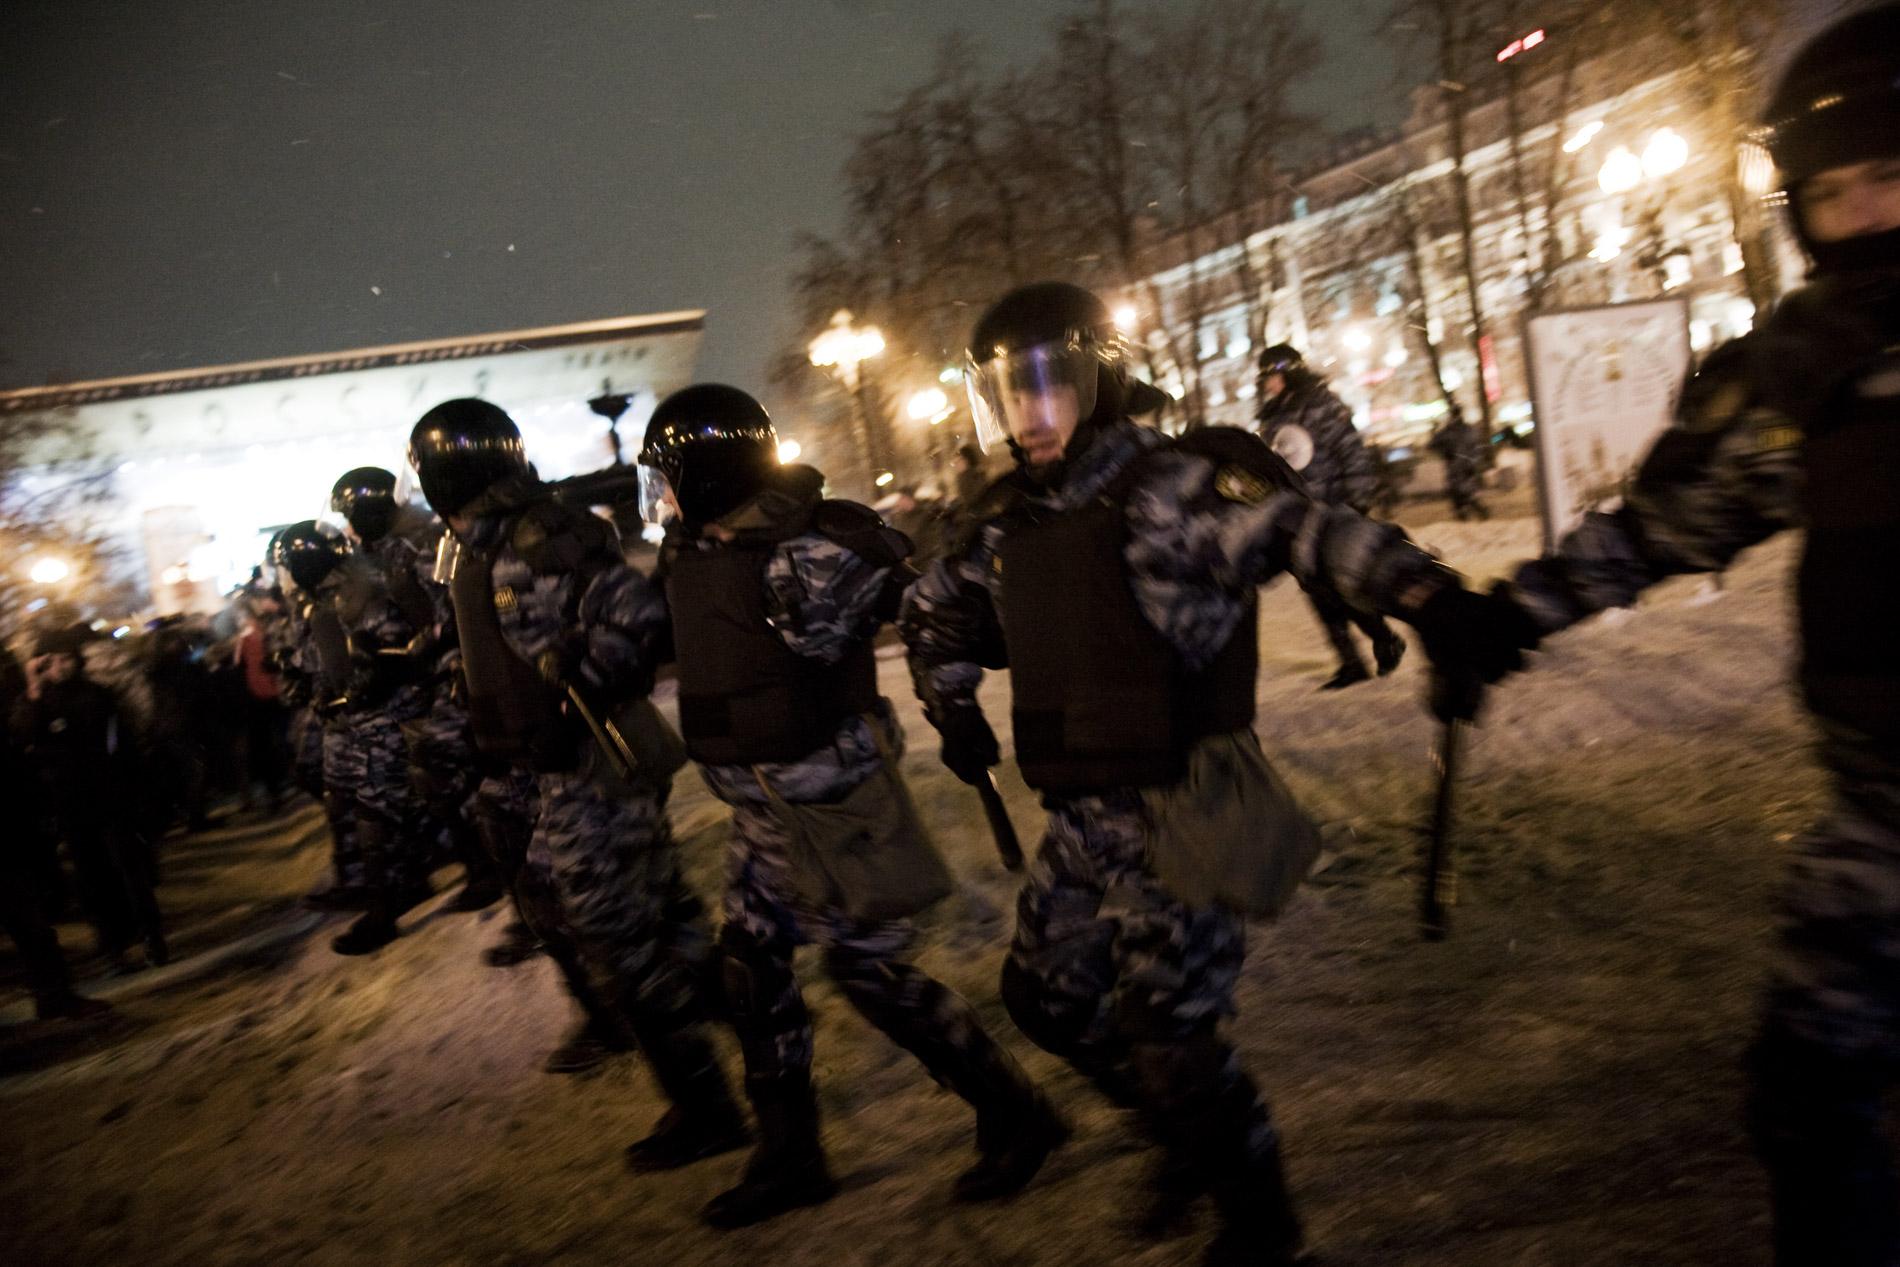 Manifestation de l'opposition a Vladimir Poutine, place Pouchkinskaia, le 5 mars 2012 a Moscou.